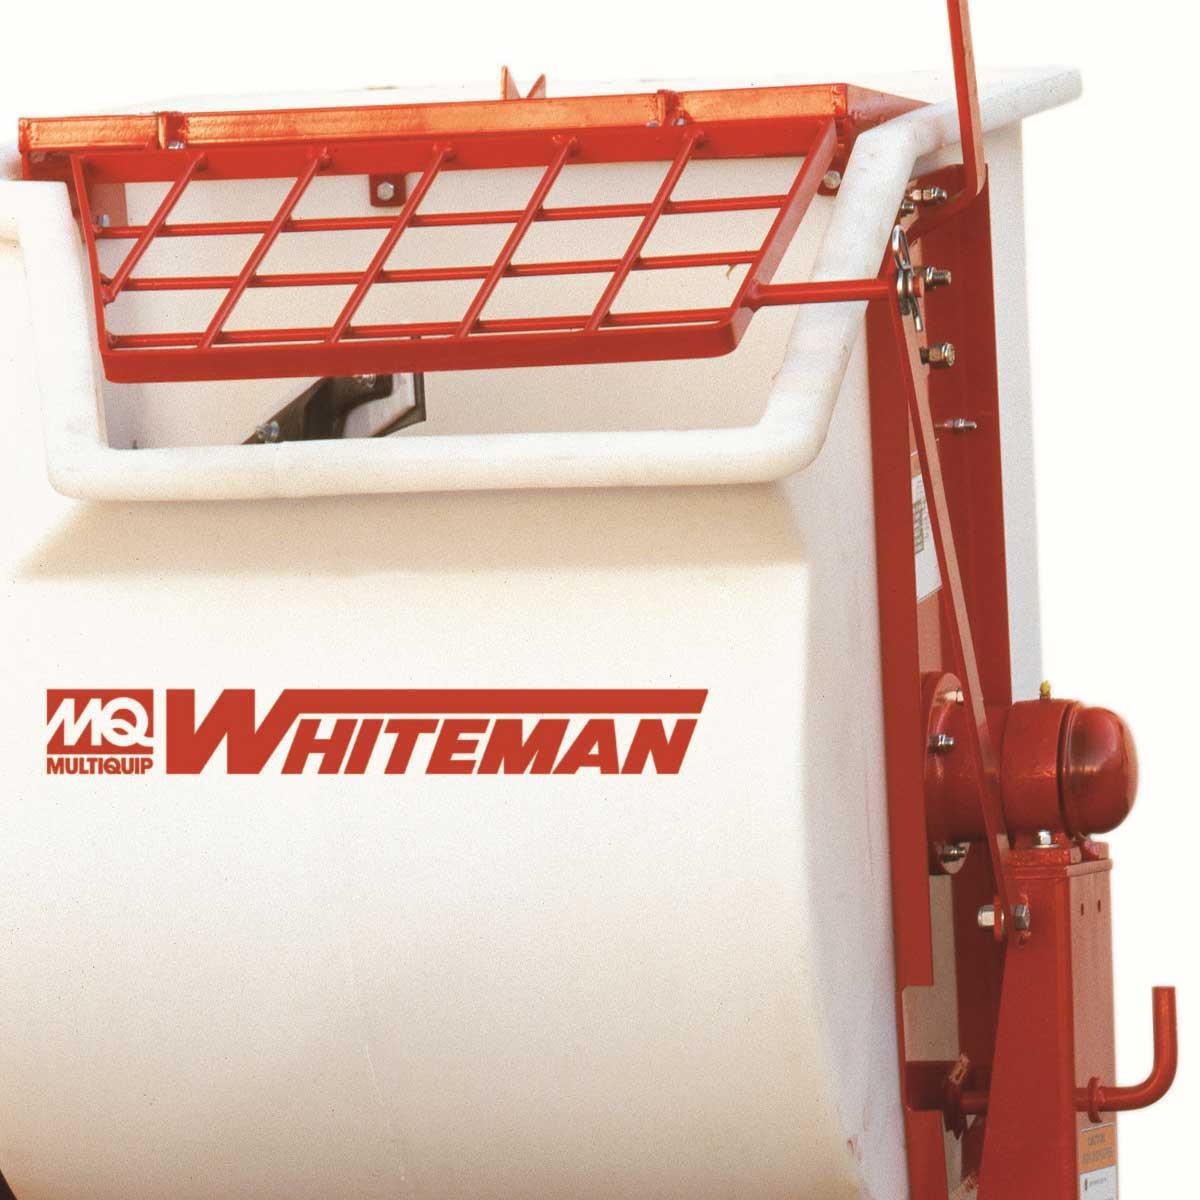 Multiquip Whiteman poly drum